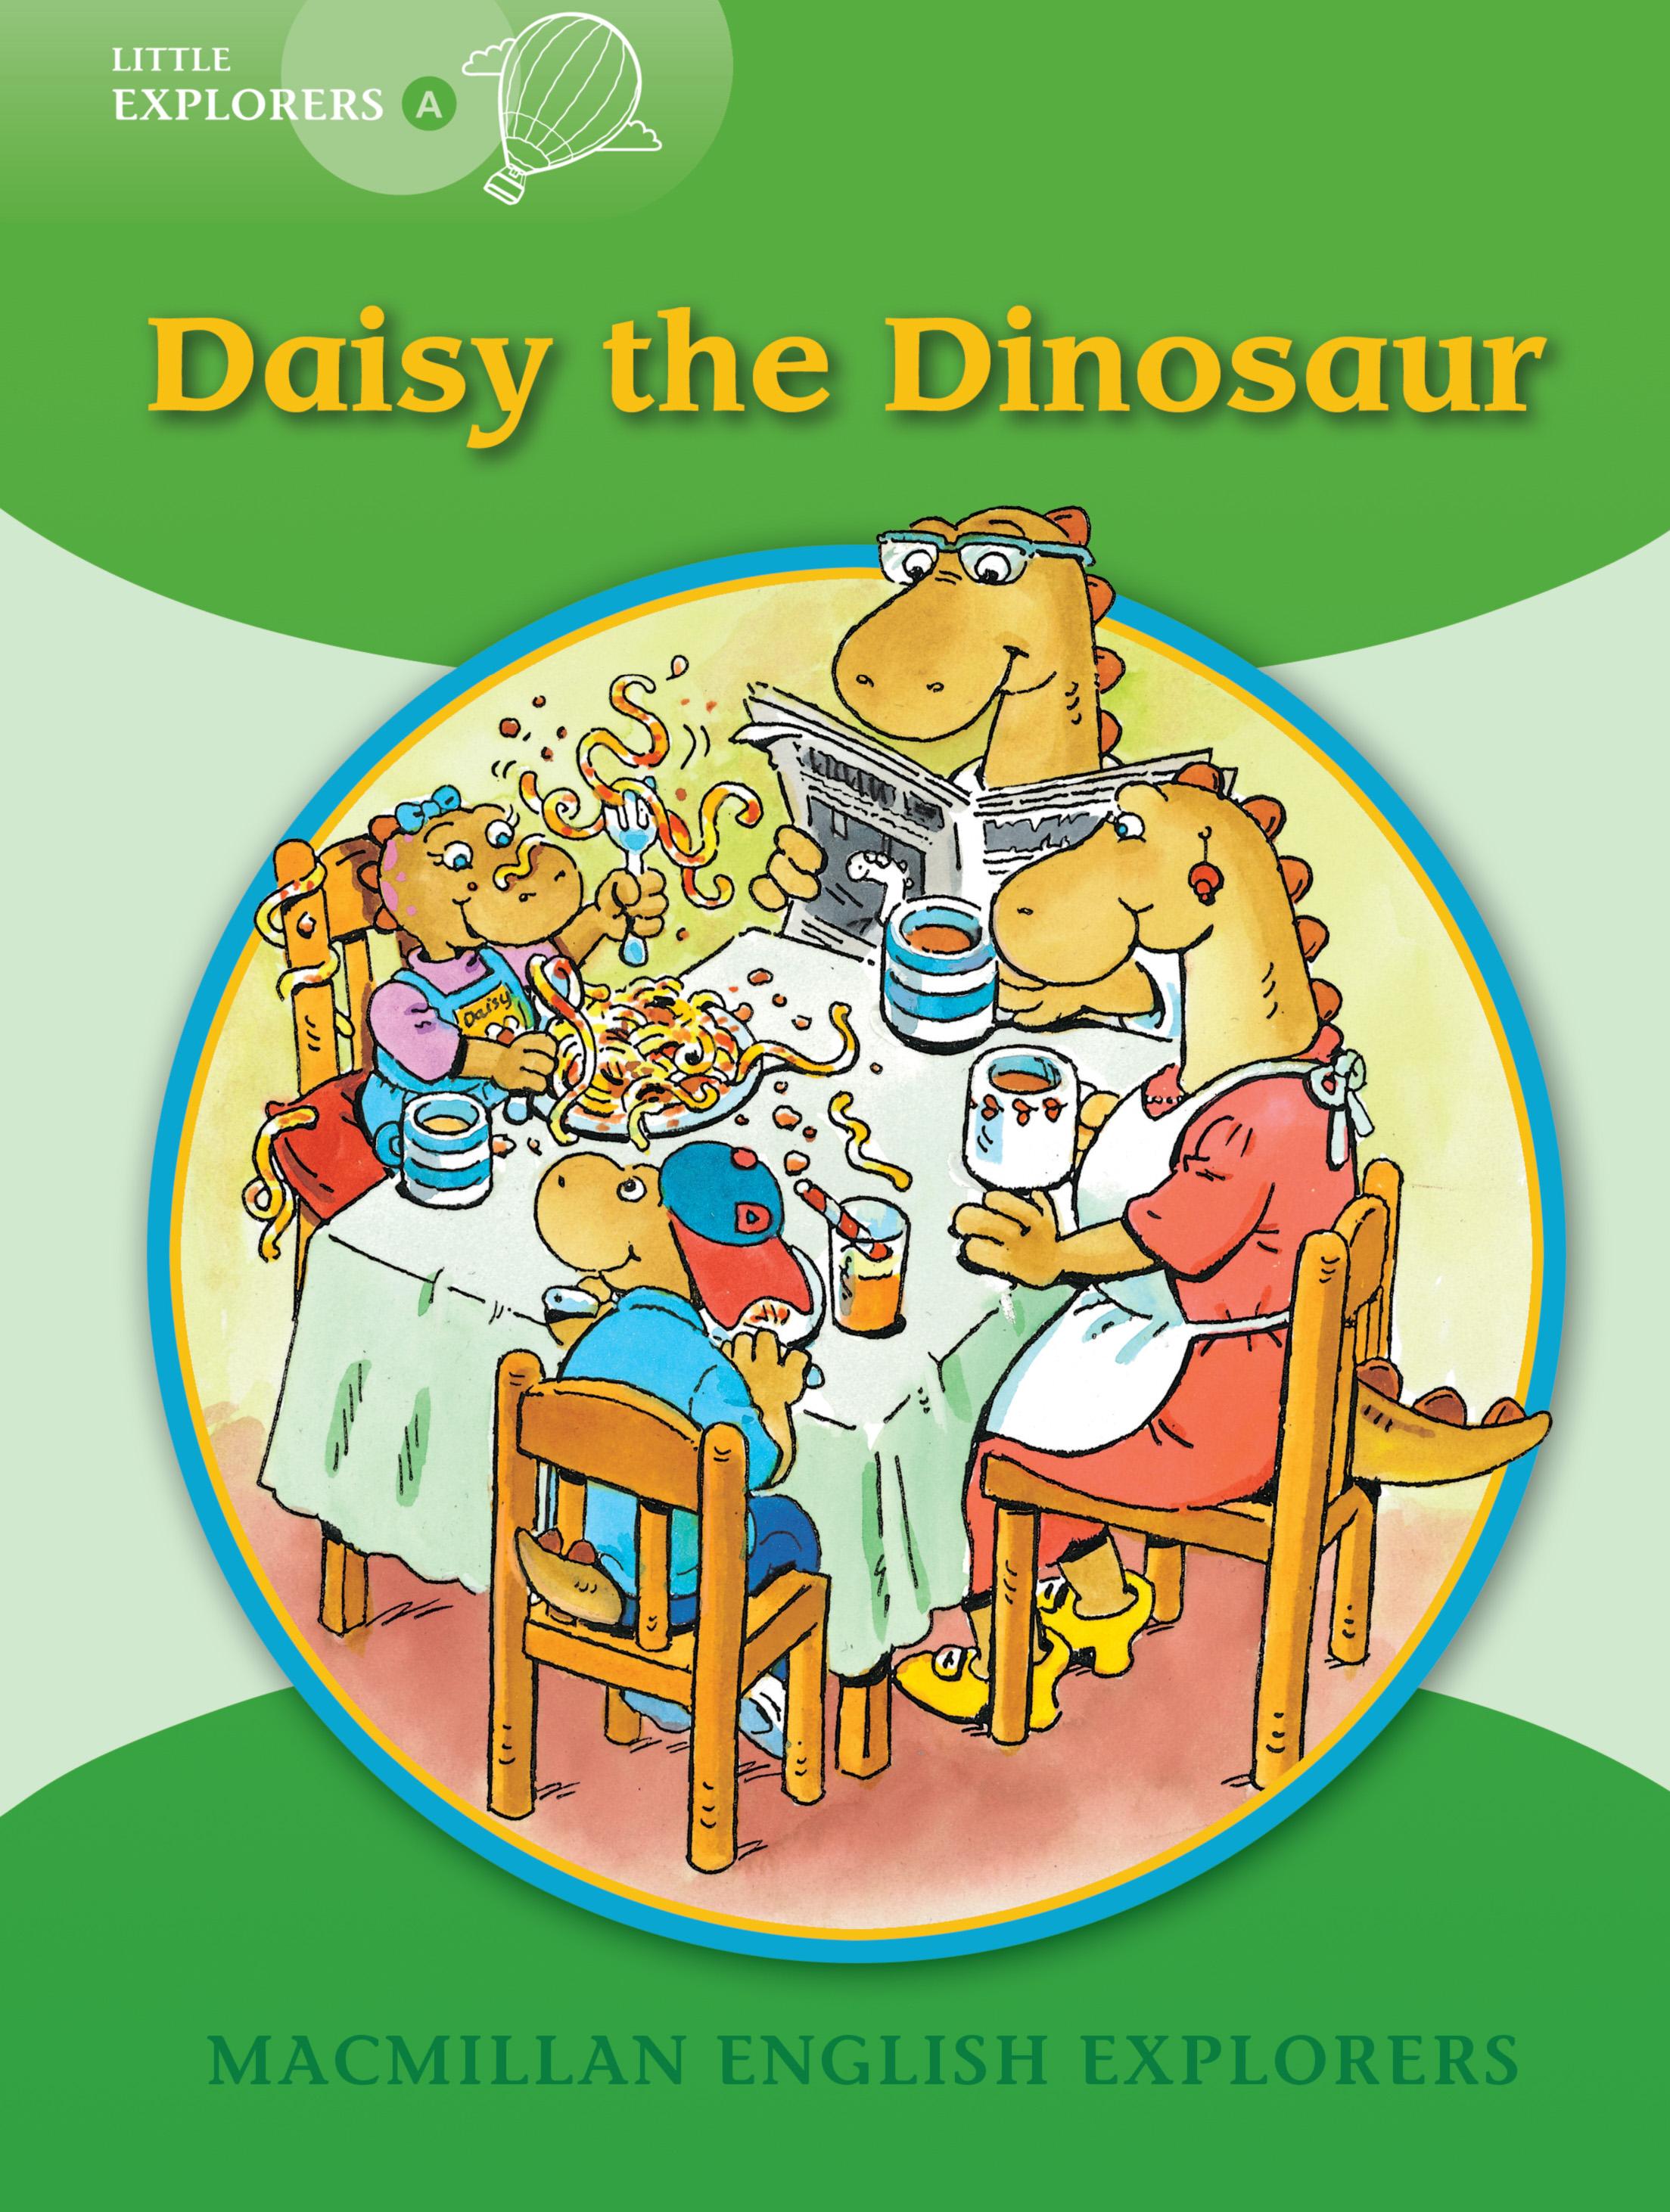 Little Explorers A: Daisy the Dinosaur